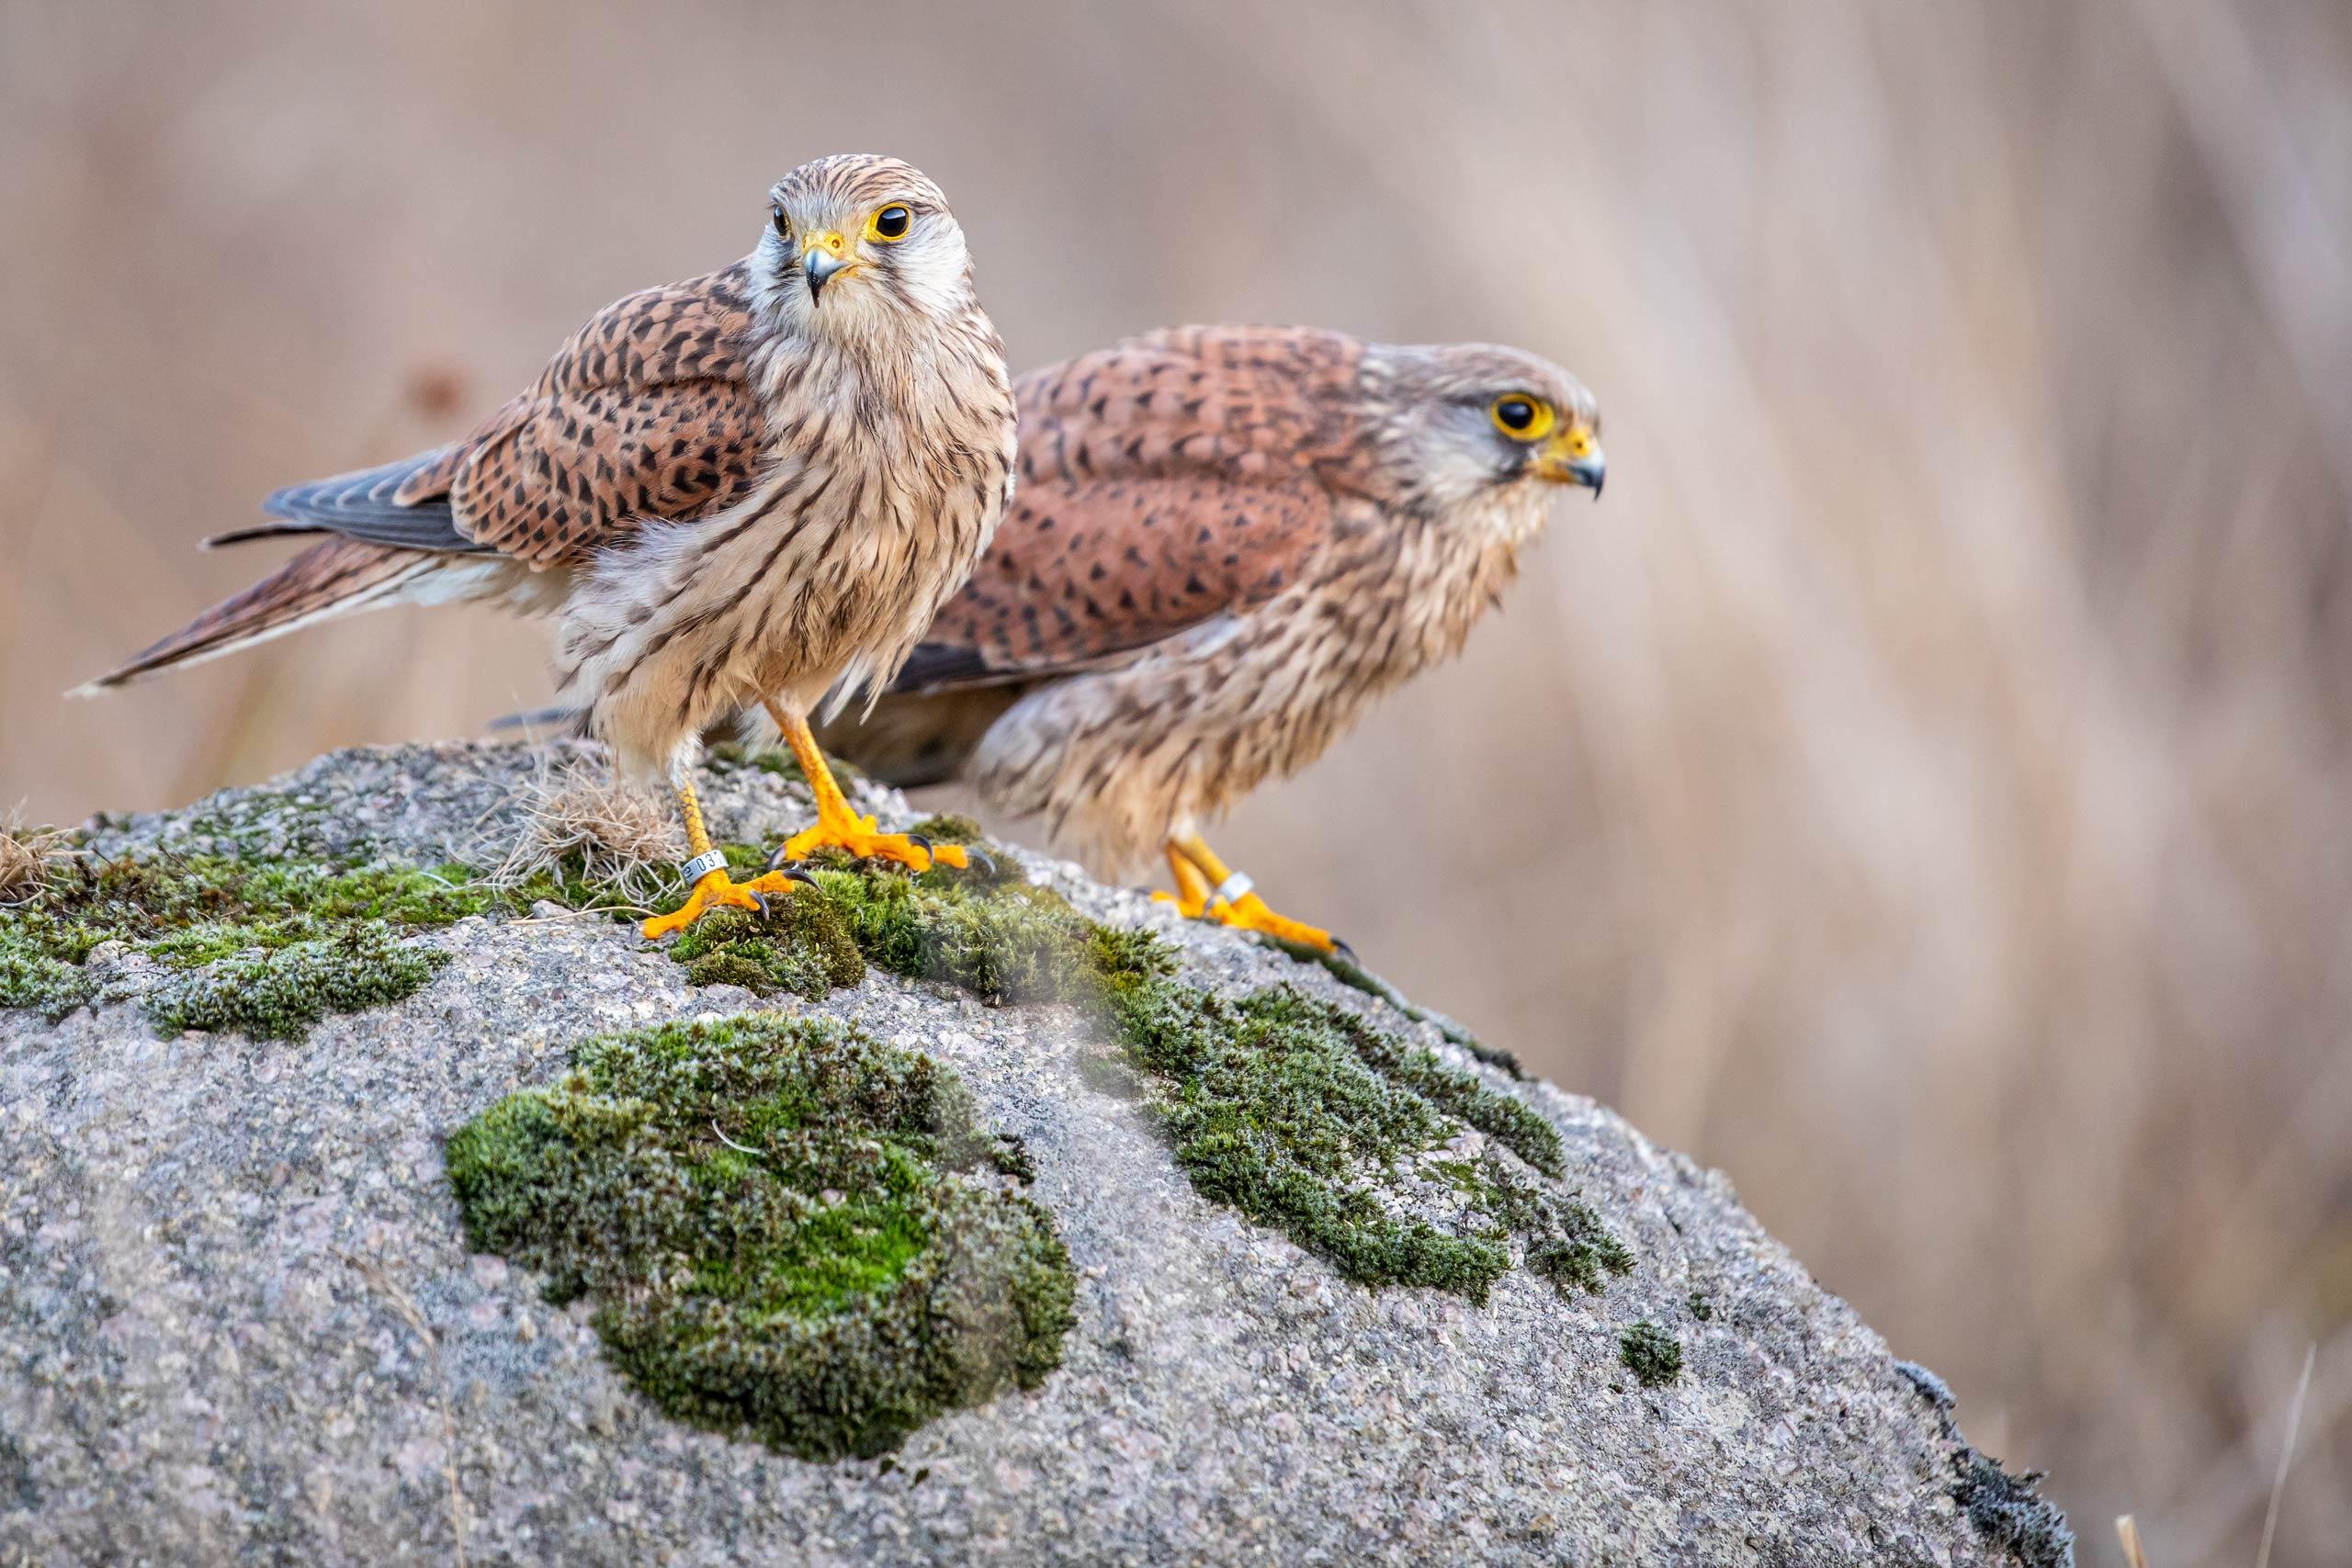 Tom_Schueler_Fotografie_Wildlife_Birds_6